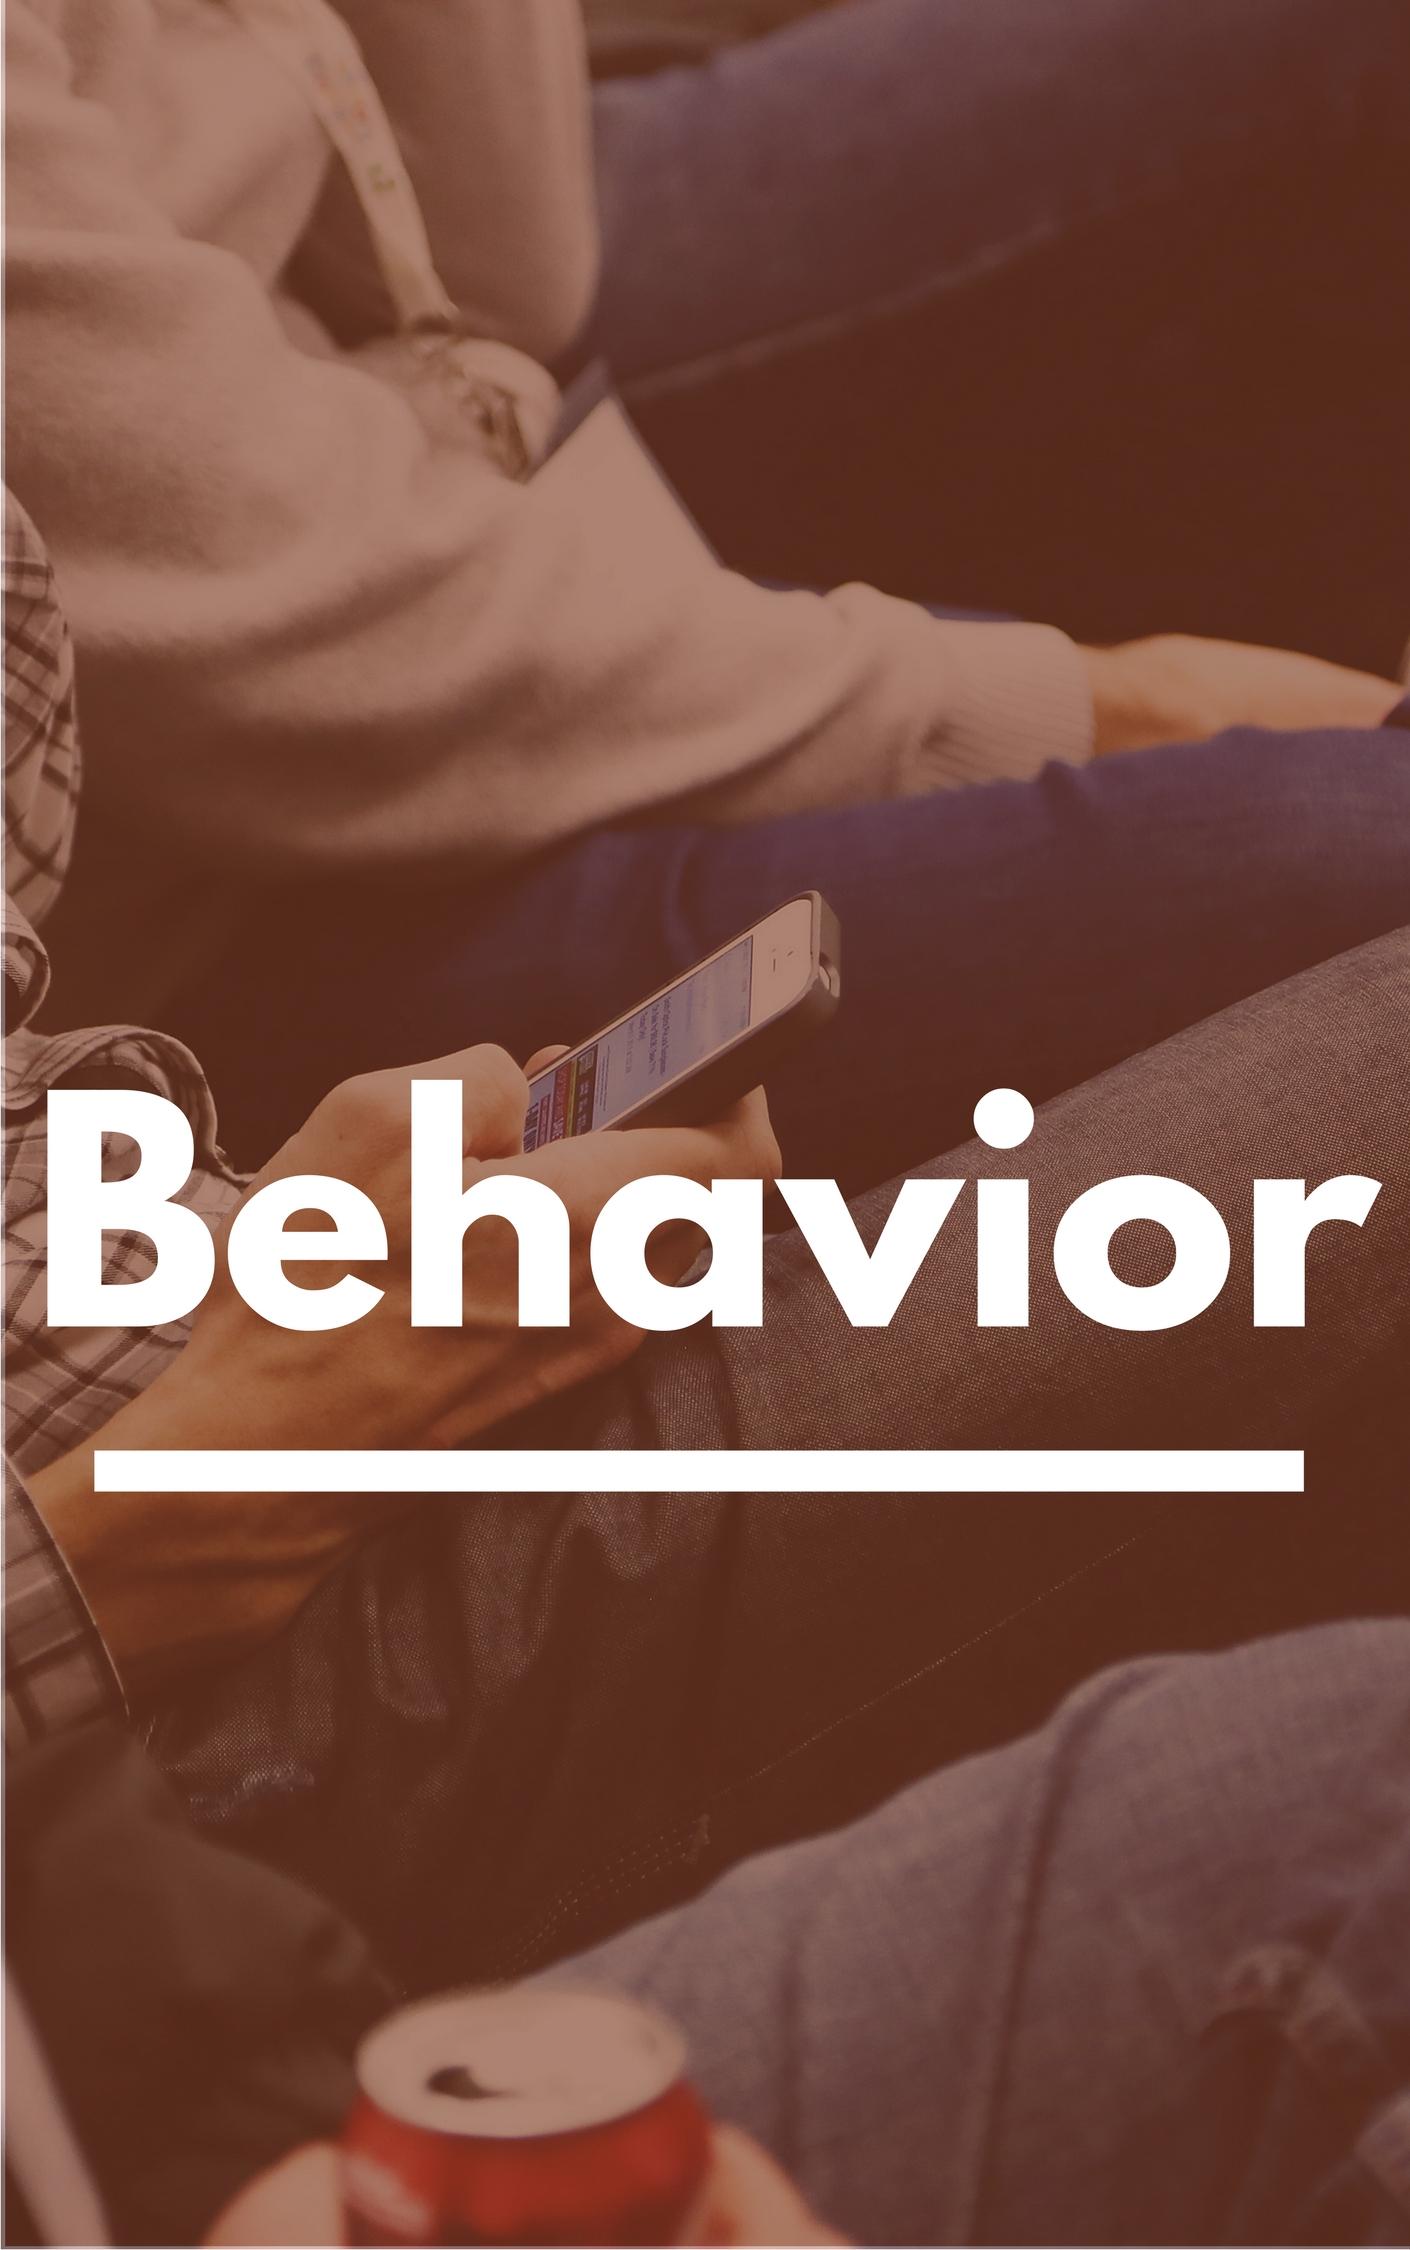 Behavior - Glen Rock Public Library - NJ